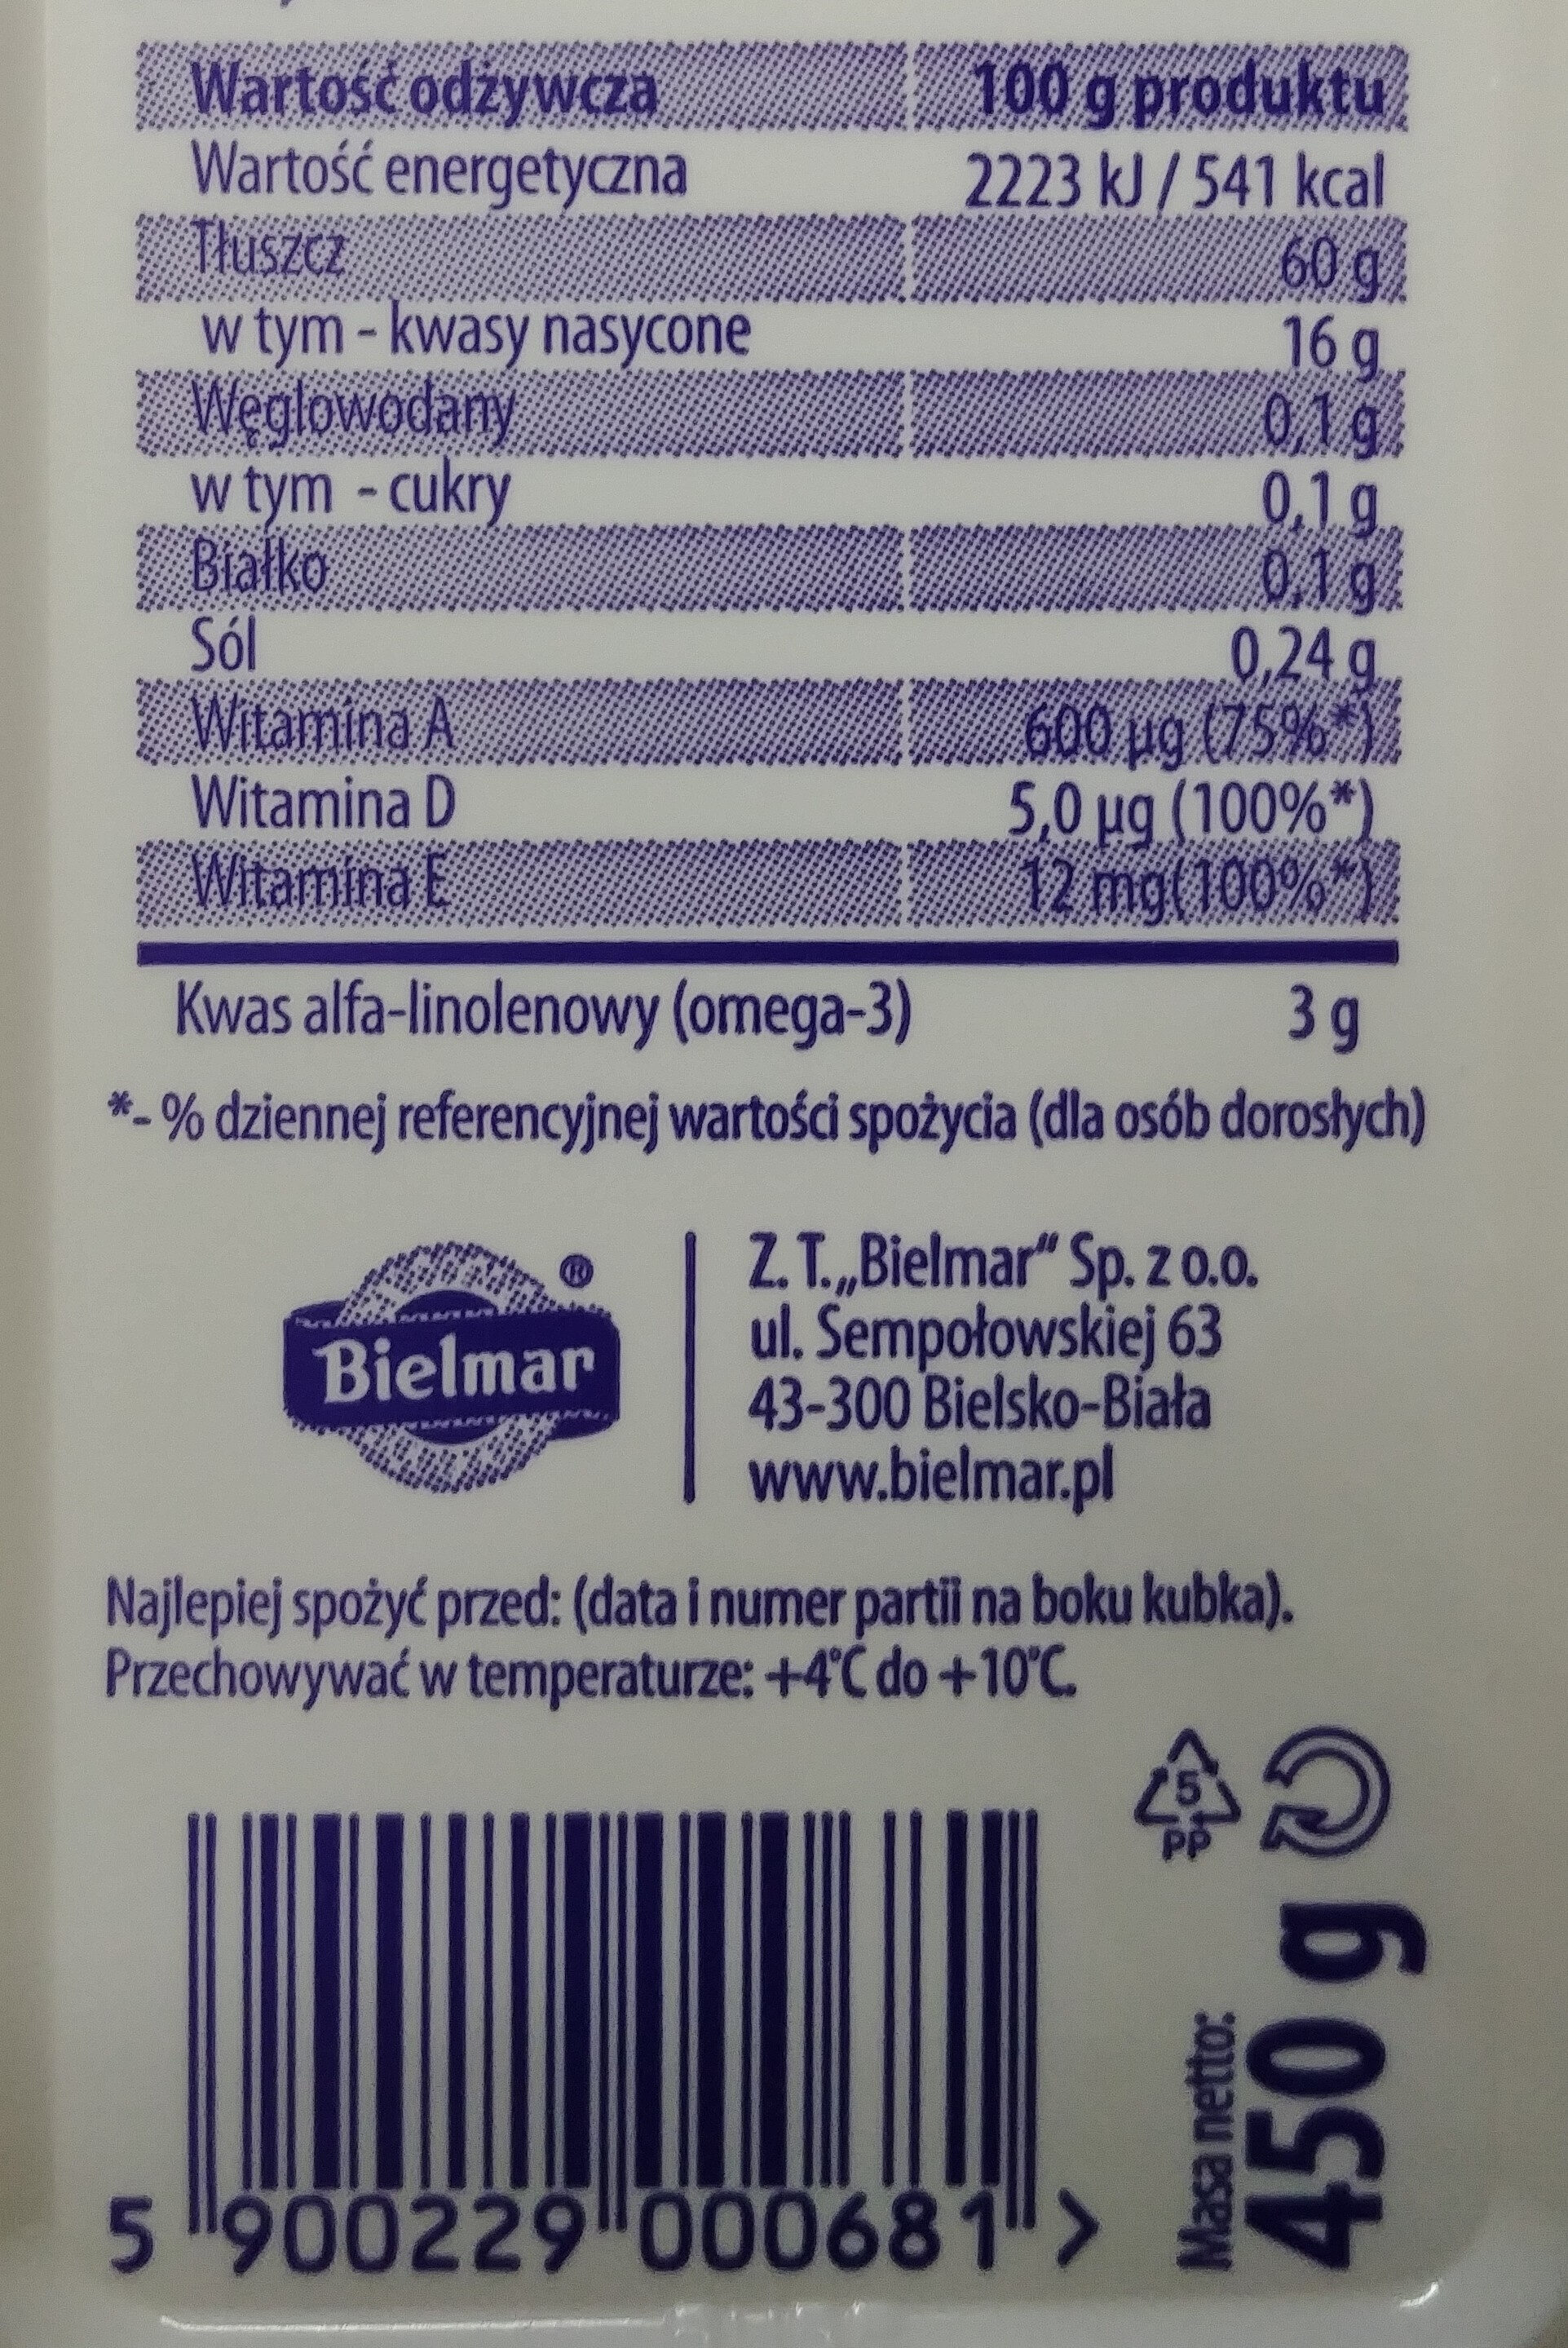 Margaryna o zmniejszonej zawartości tłuszczu - Wartości odżywcze - pl